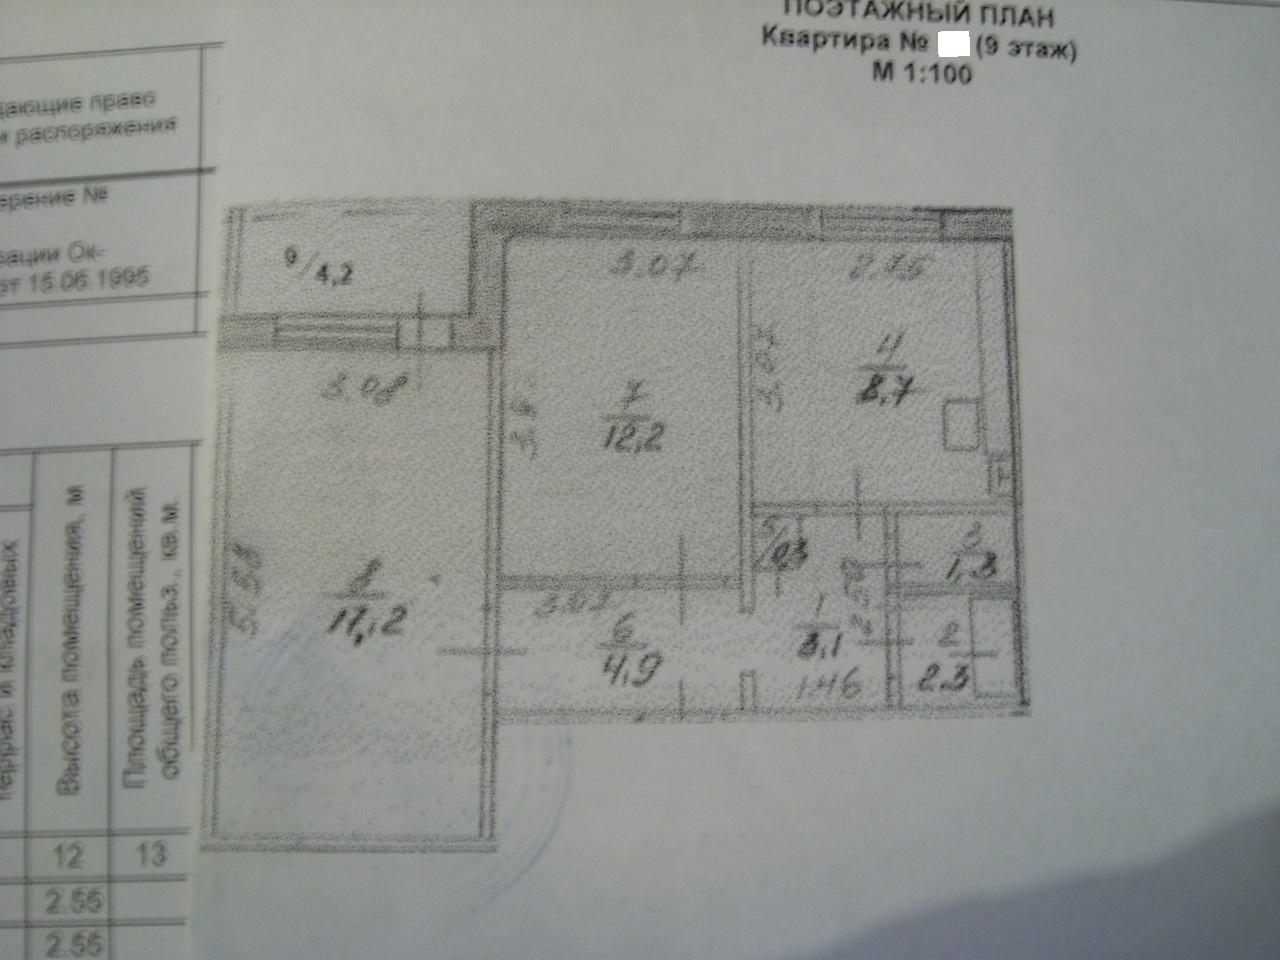 Продам двухкомнатную квартиру 52 кв.м. в Сипайлово